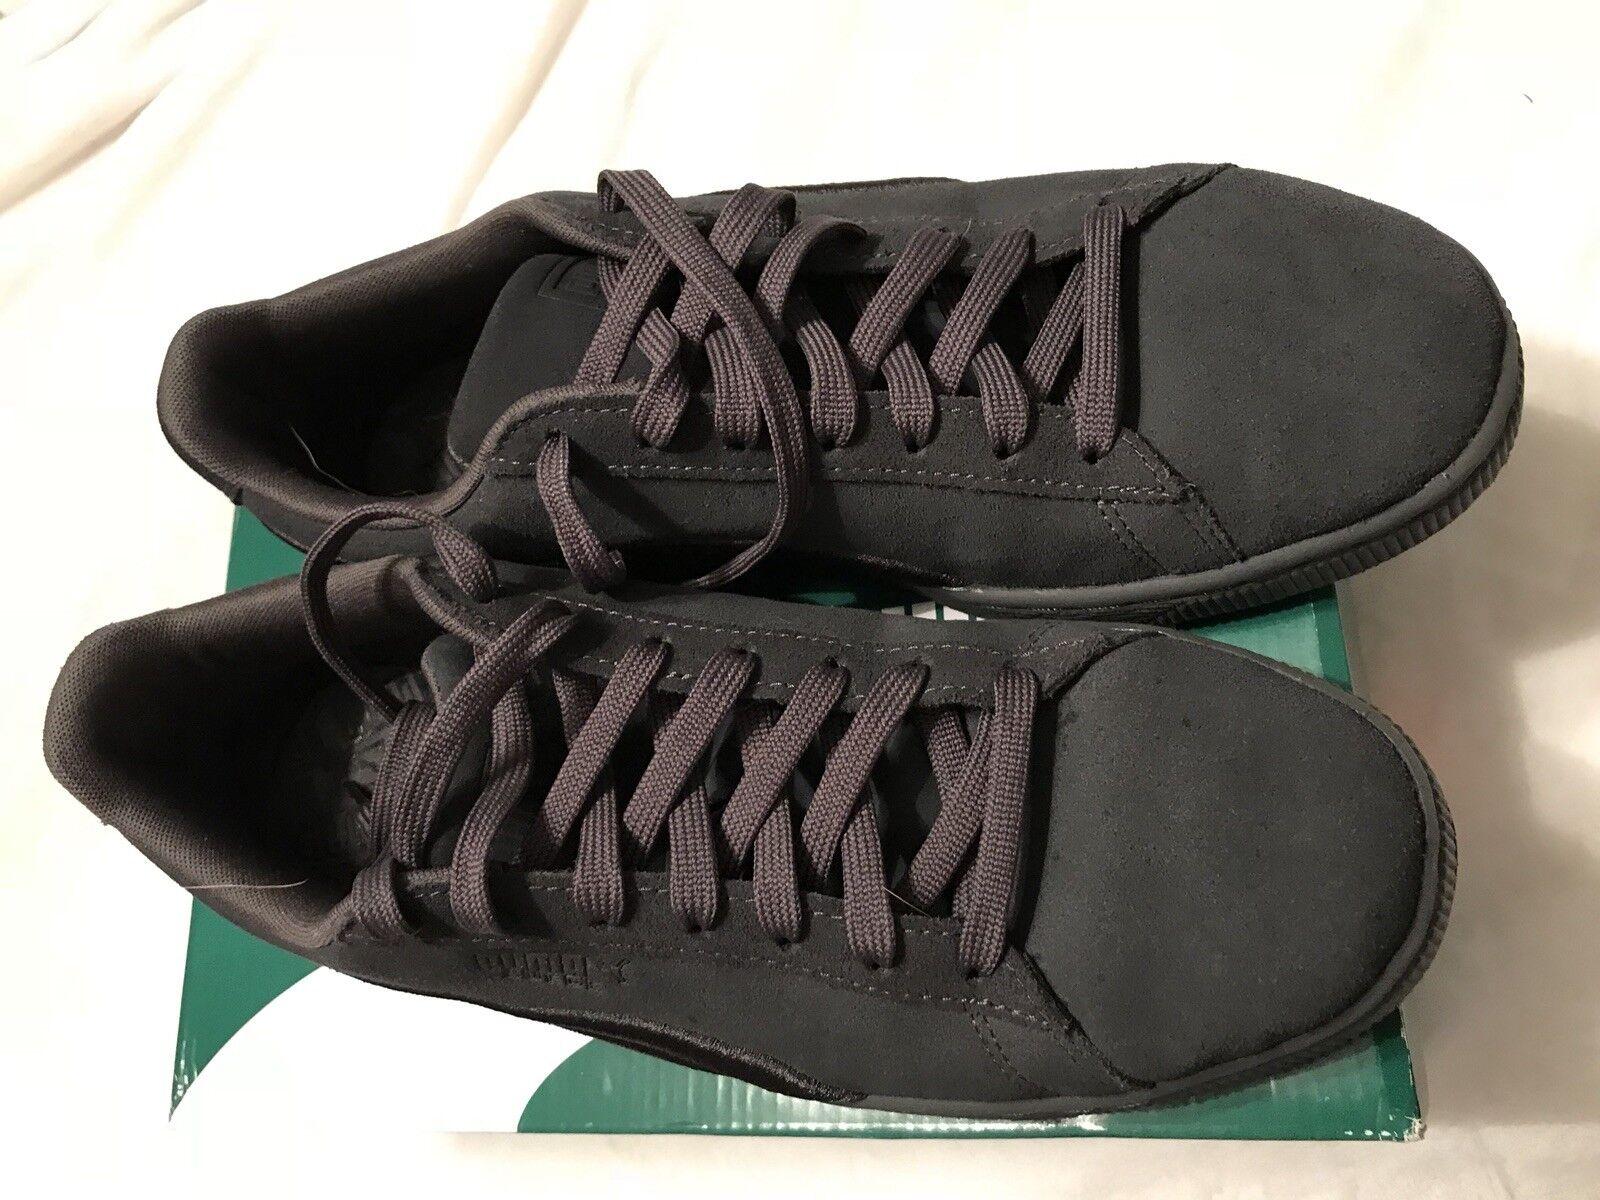 Puma Suede Hombre Suede Puma Classic placa gris 10,5 US sneaker gran descuento 6a3aa4